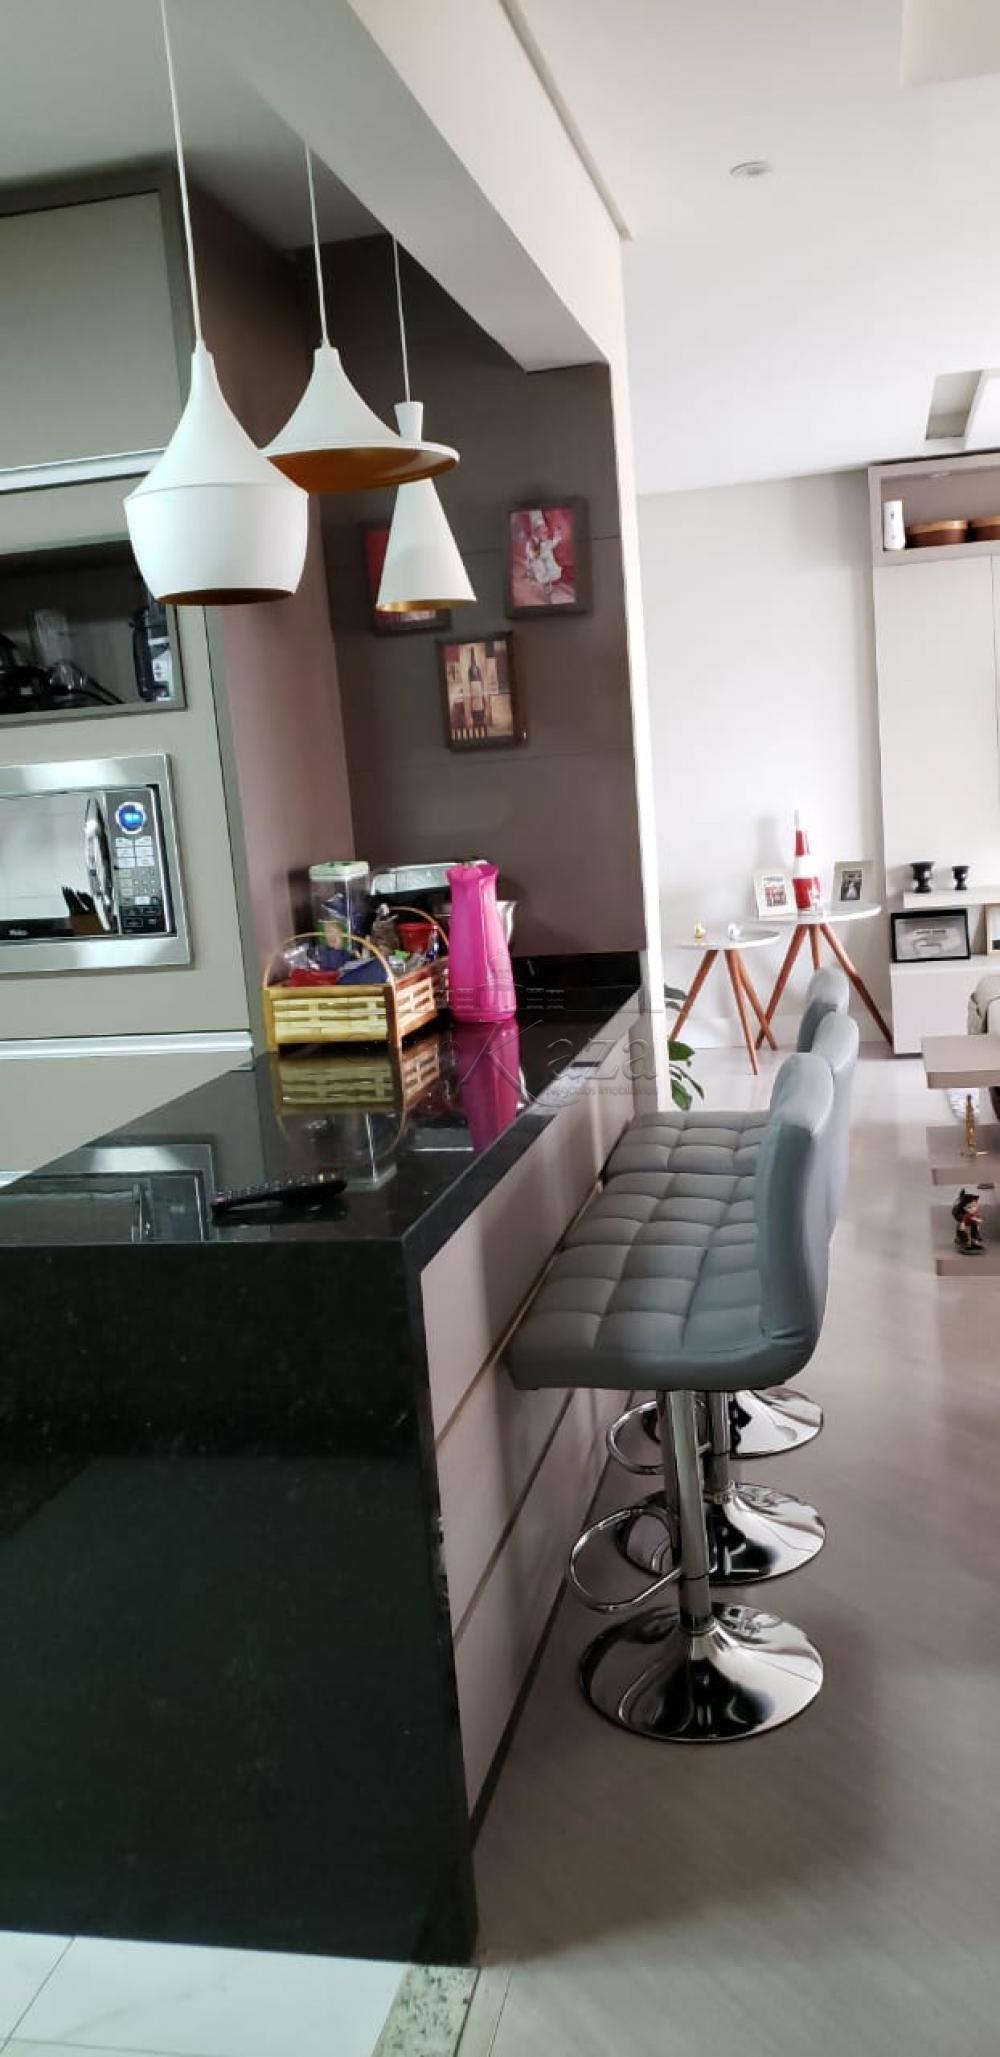 Alugar Apartamento / Padrão em São José dos Campos R$ 3.000,00 - Foto 4